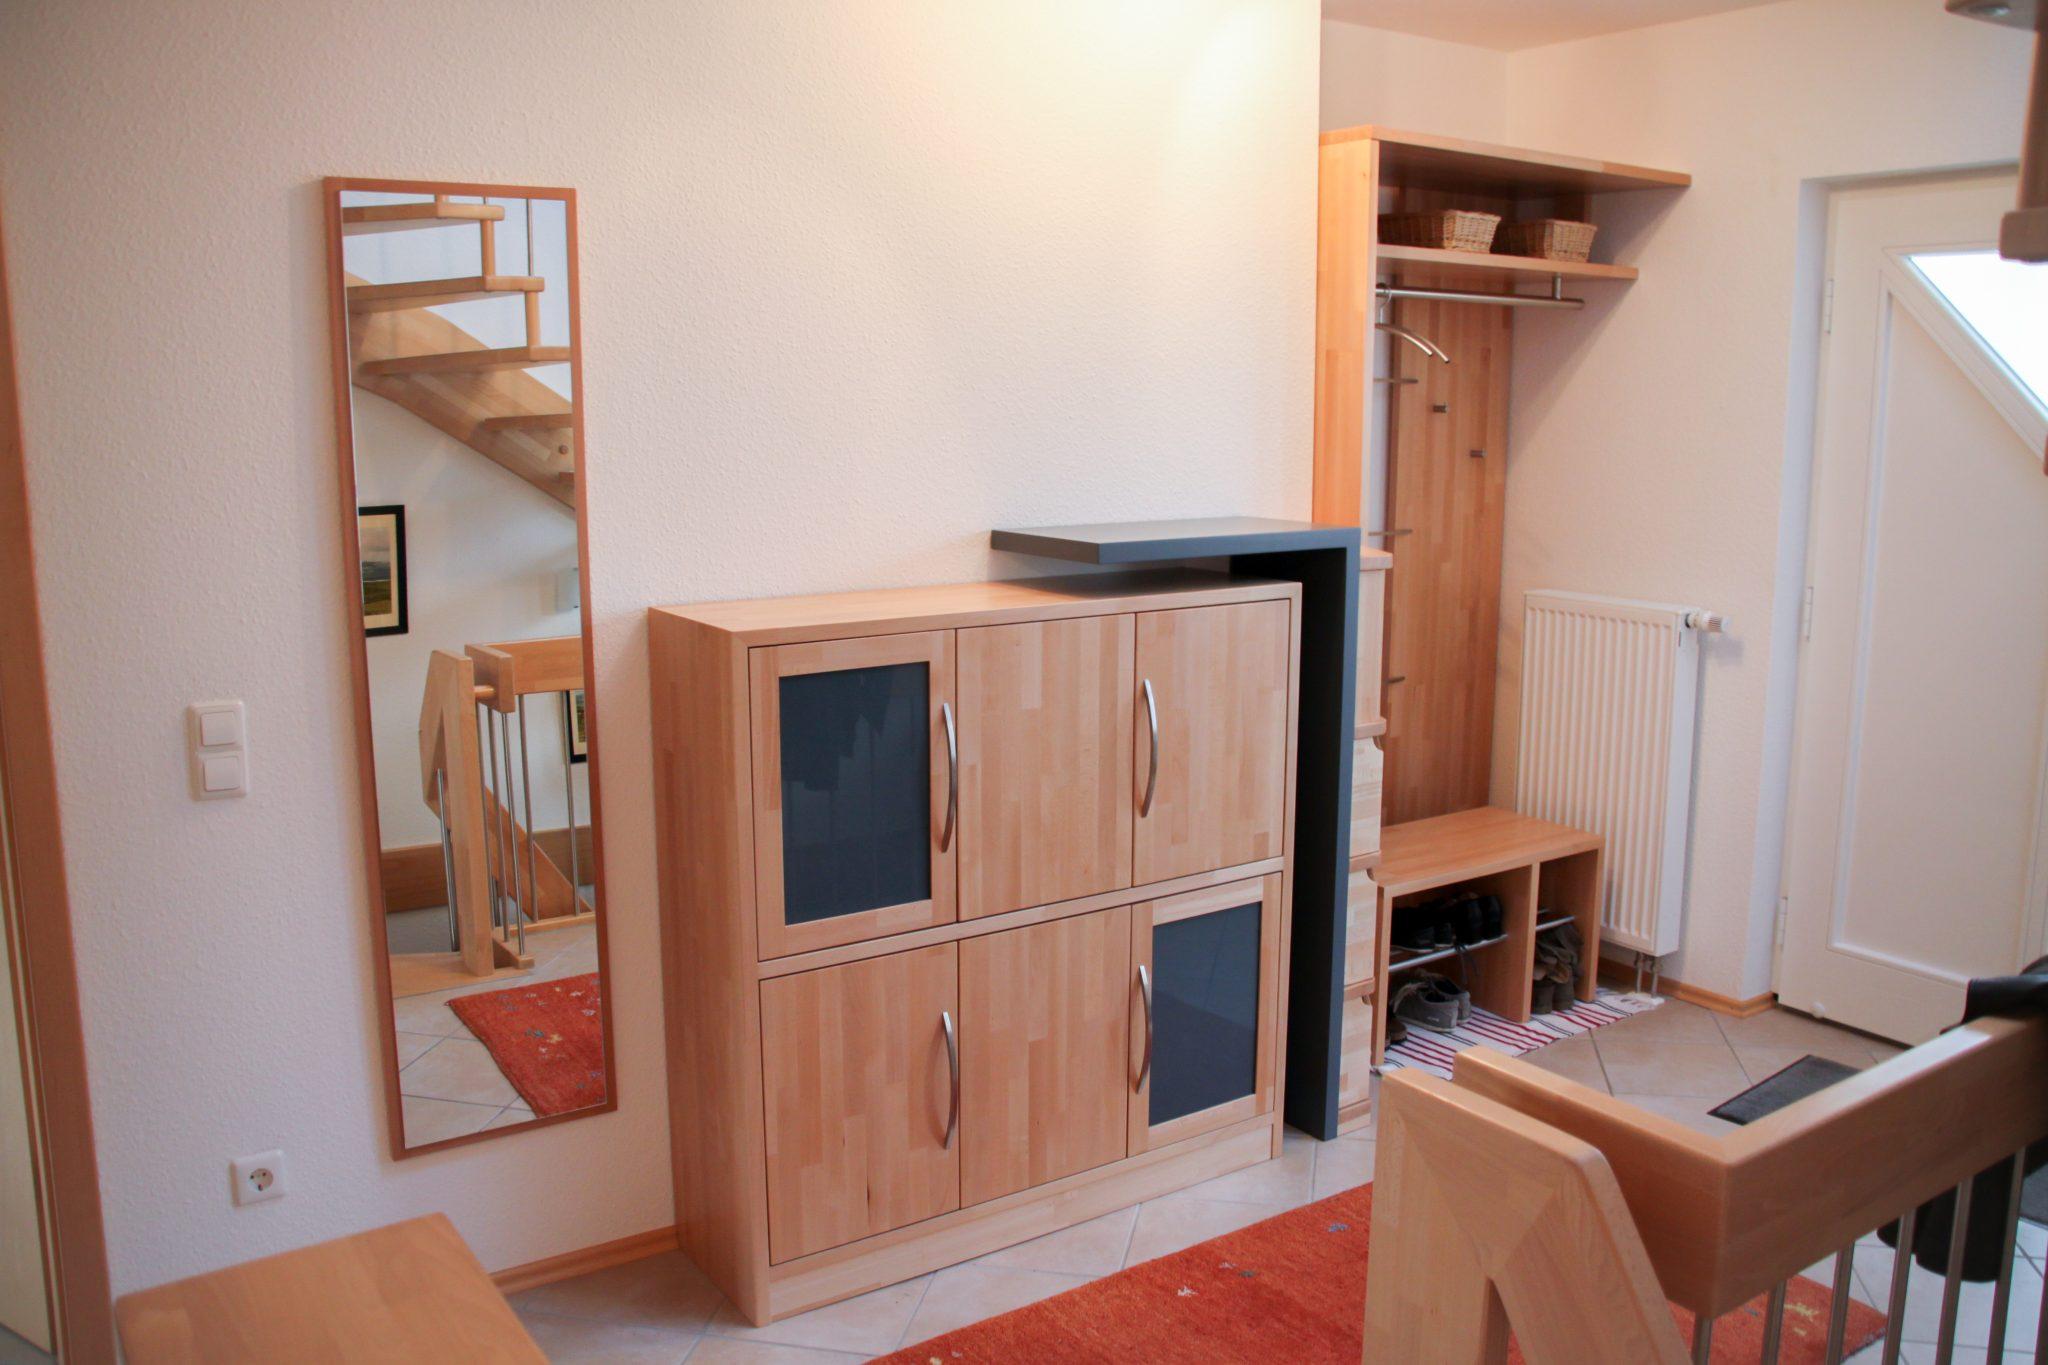 Eine maßgefertigte Garderobe aus Buche-Massivholz, die in einem hellen modern eingerichteten Flur mit vielen Holzelementen steht.